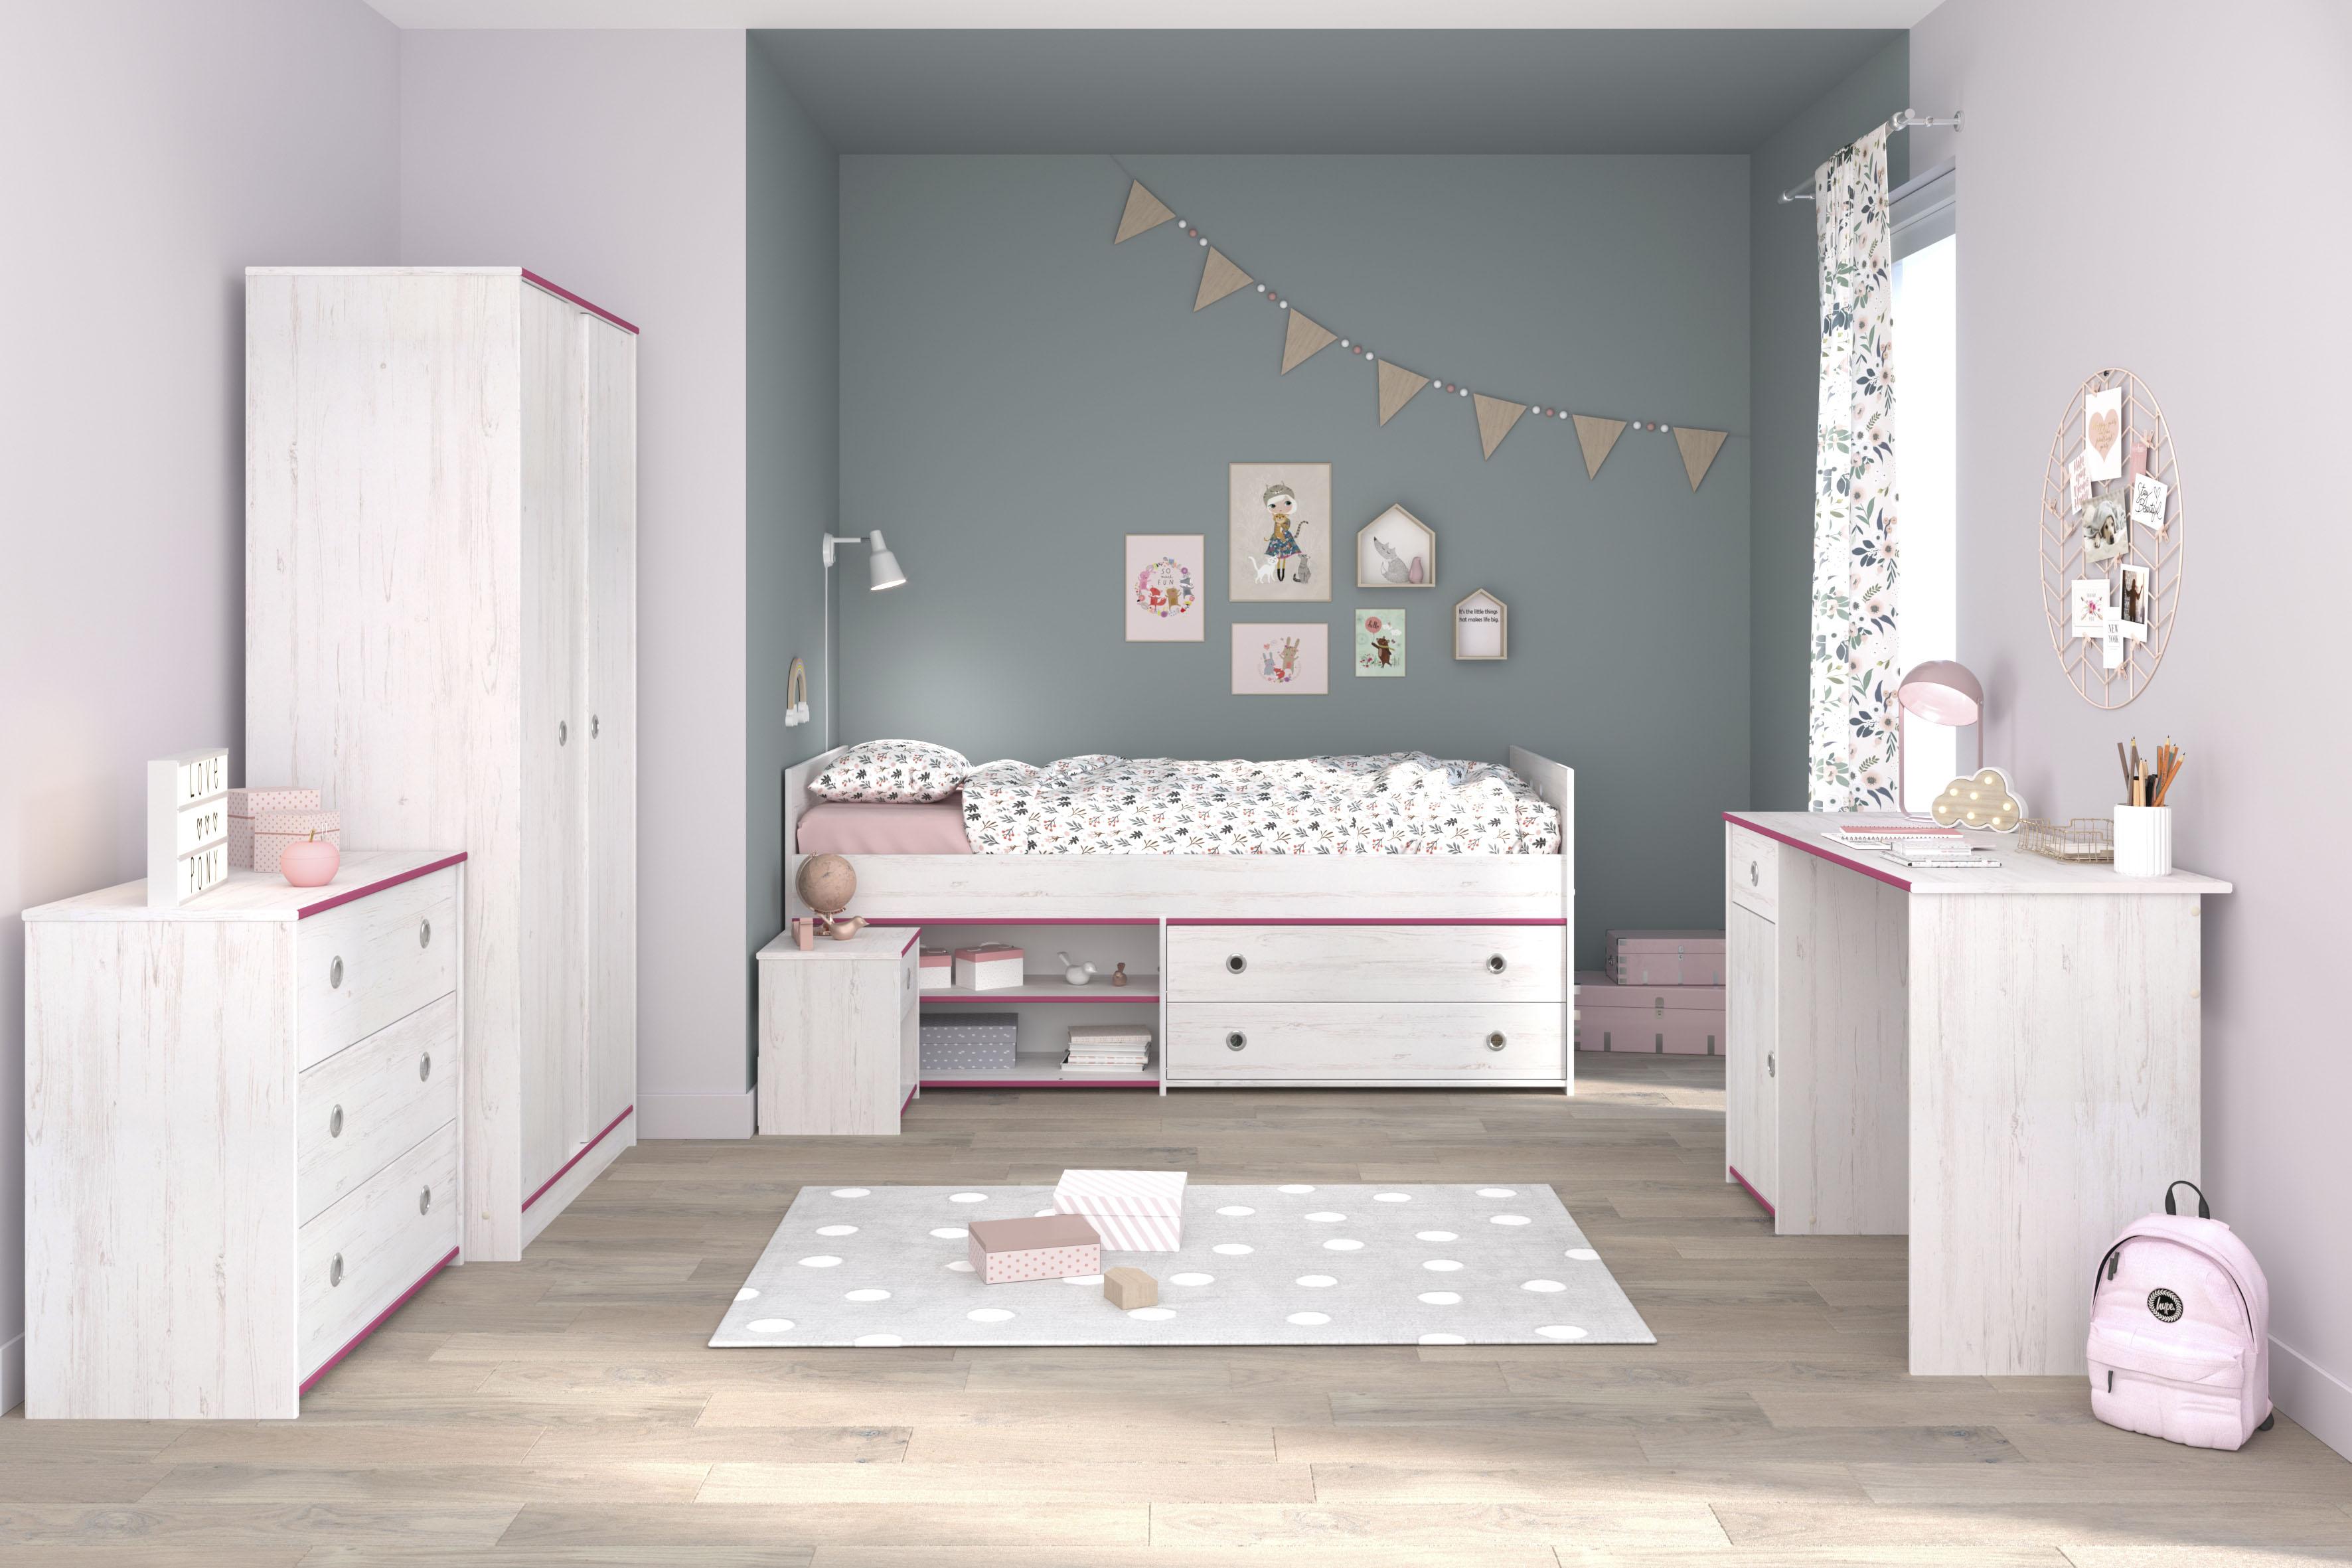 Parisot Jugendzimmer-Set »Smoozy« (Set, 5-tlg) | Kinderzimmer > Jugendzimmer > Komplett-Jugendzimmer | Parisot